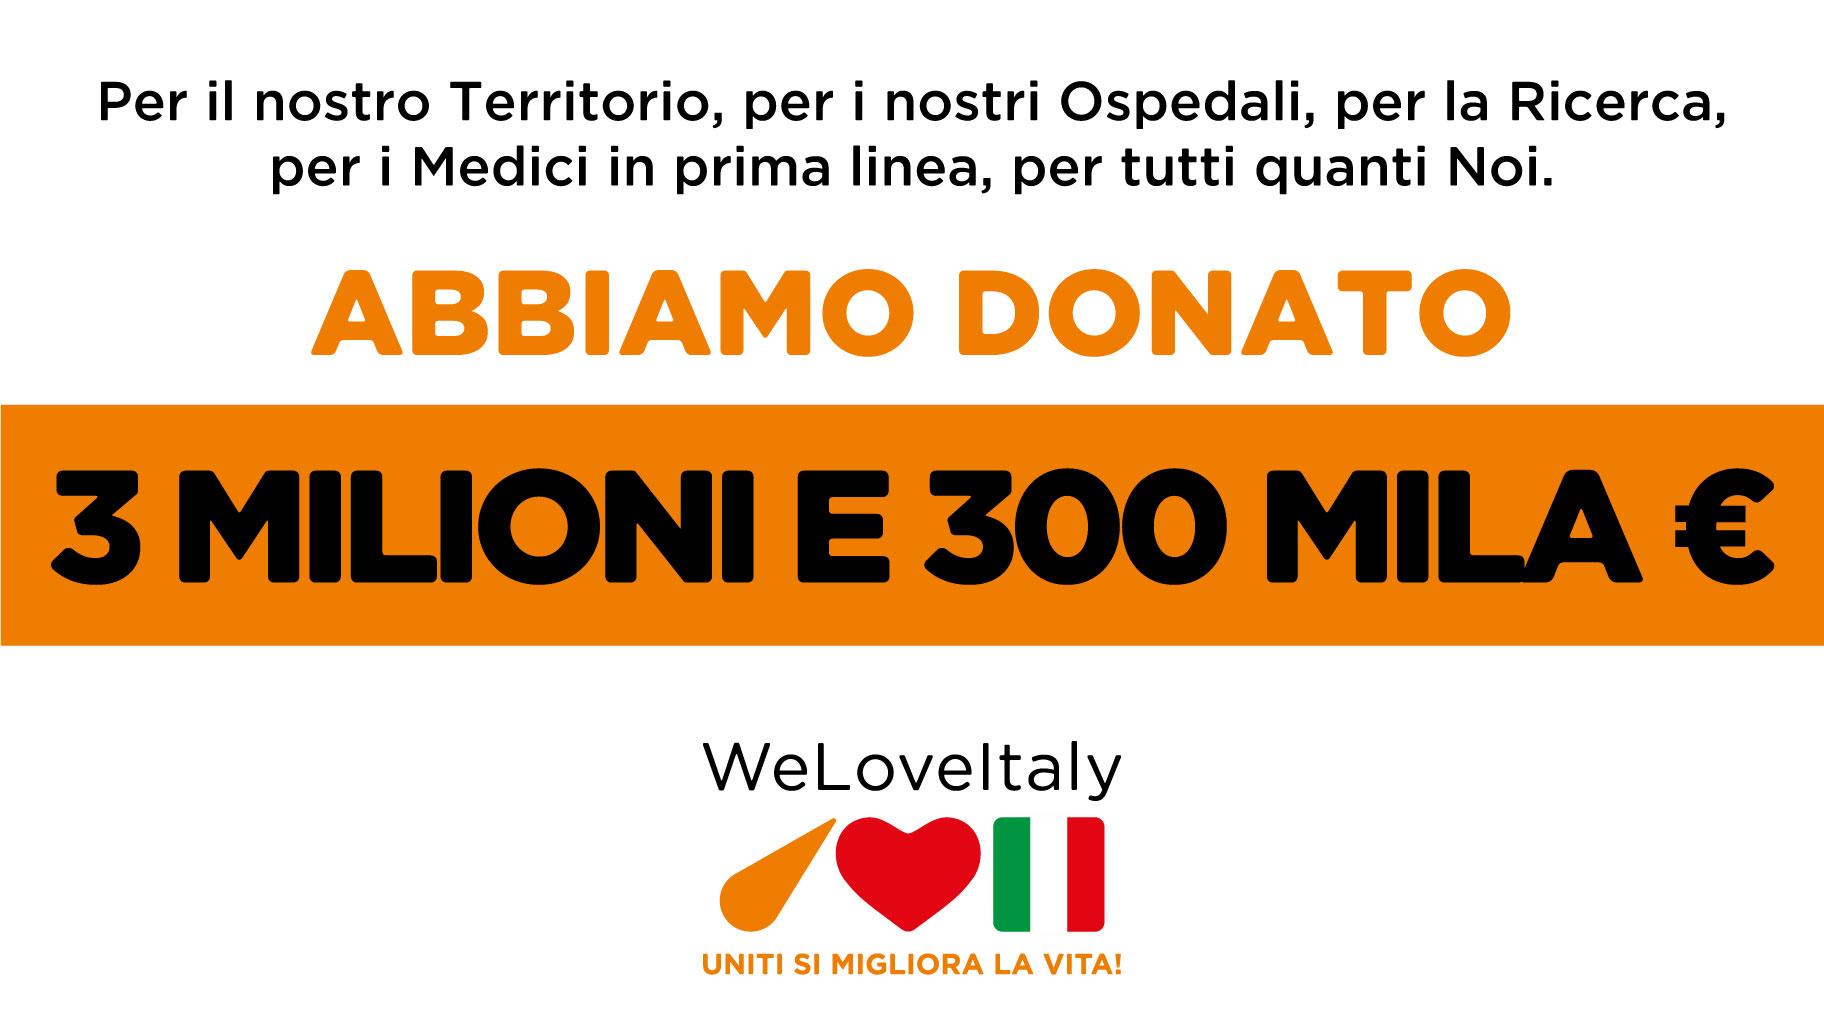 Donati 3 milioni e 300 mila euro